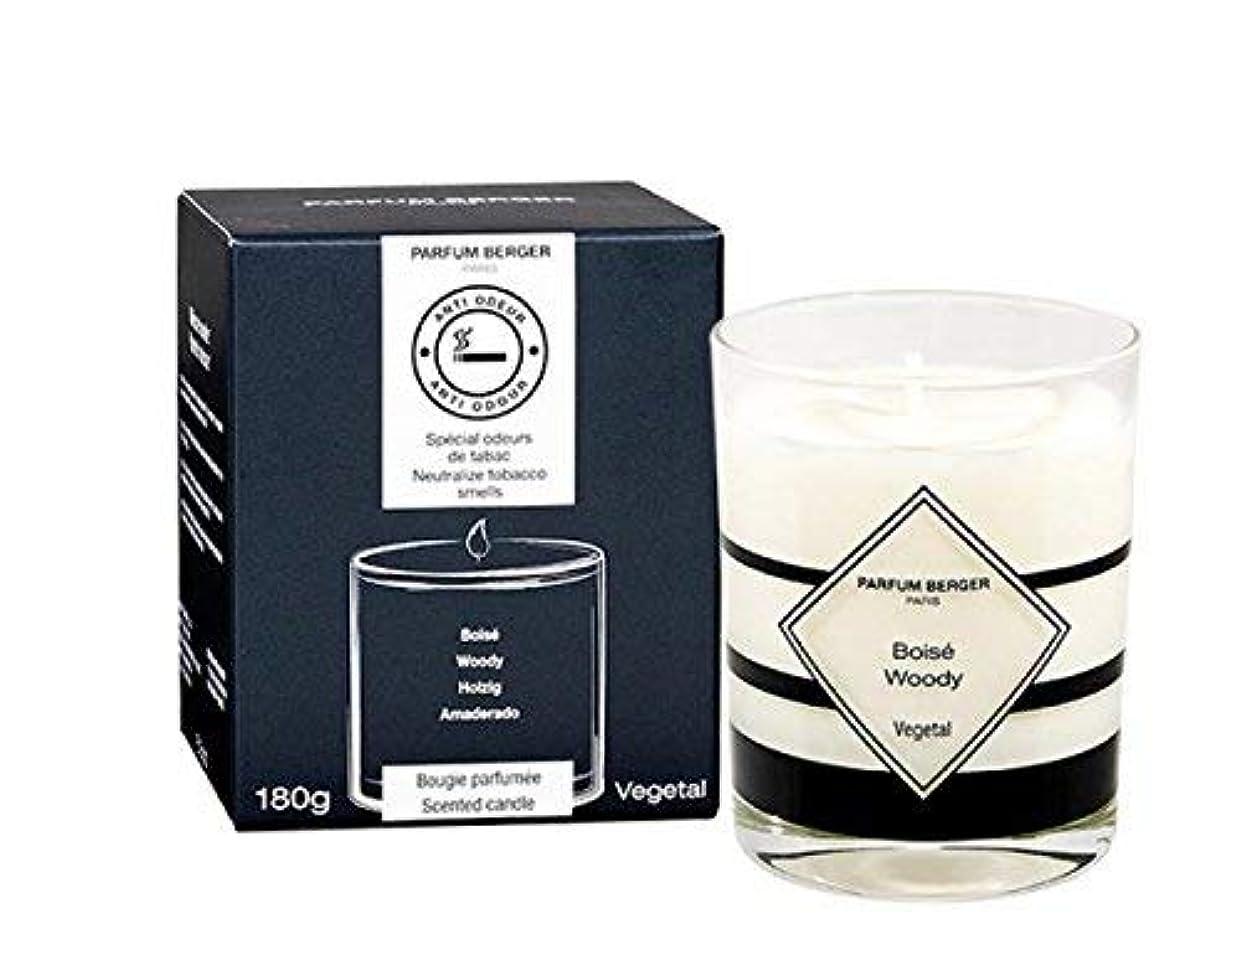 トランスペアレントラケット指定するParfum Berger/Lampe Berger Anti-Tobacco smell candle (10 x 10 x 10 cm, white glass